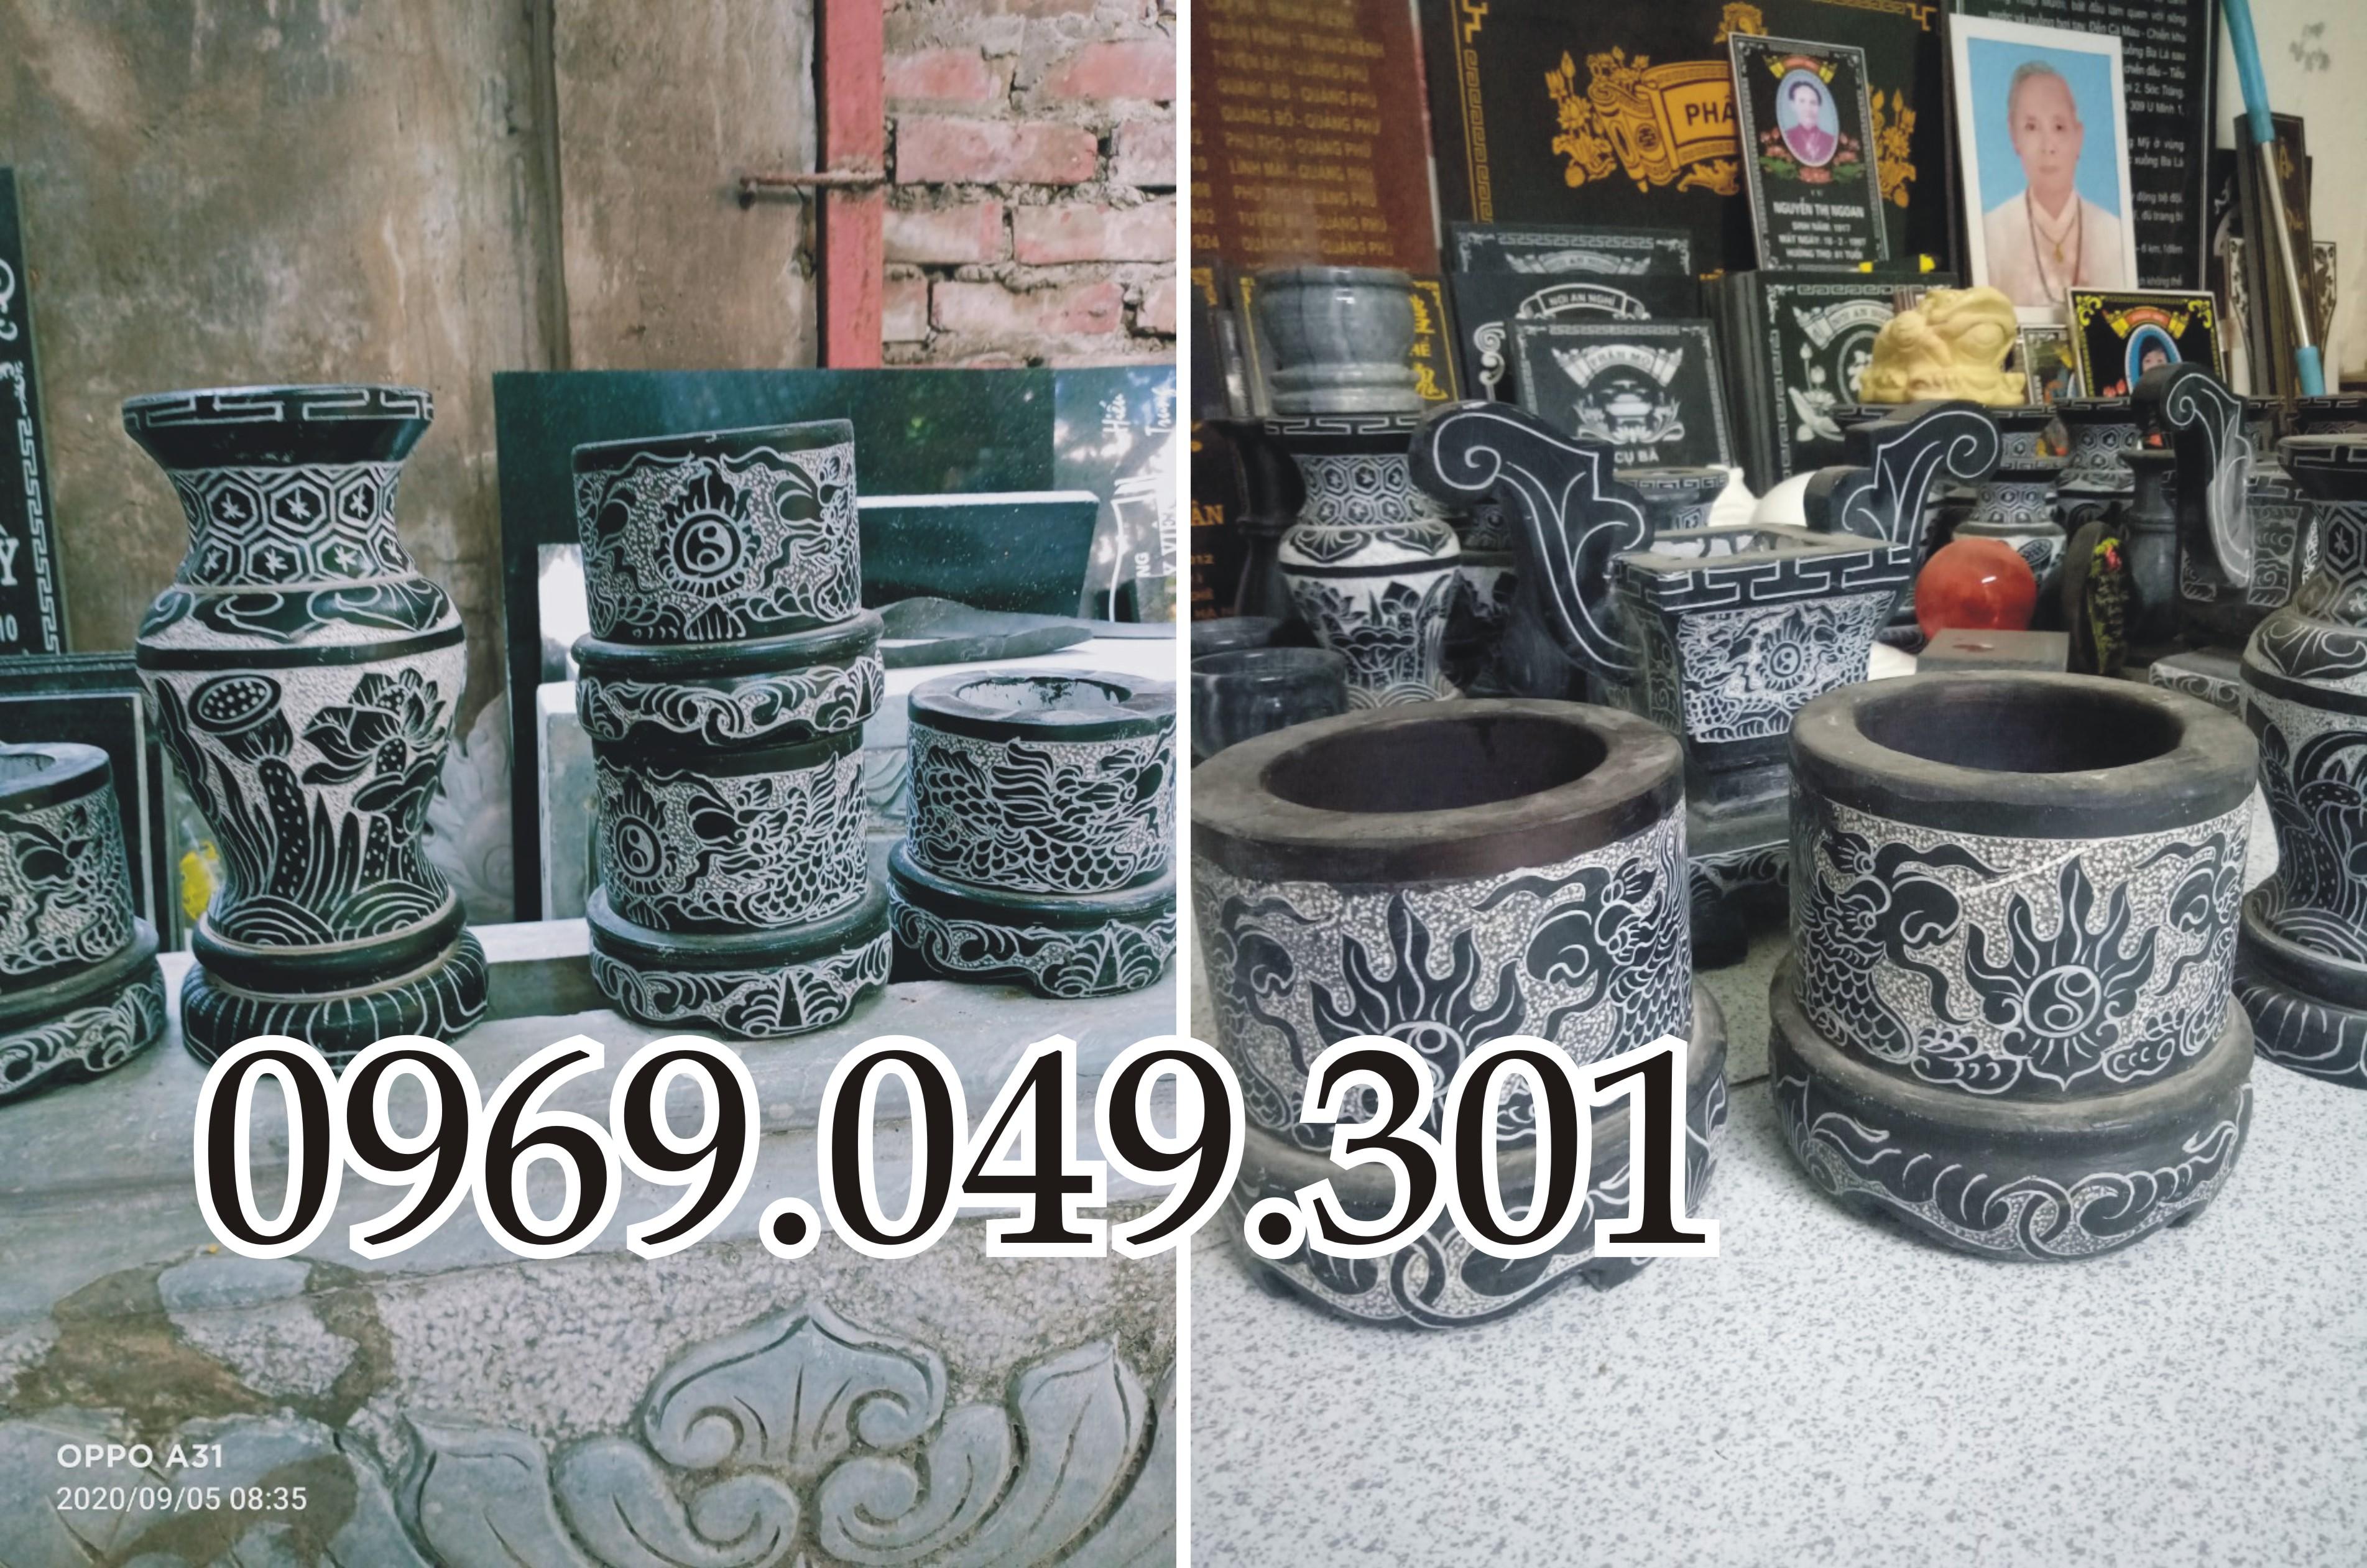 Bát hương đá được đục trạm sản xuất tại xưởng hà nội